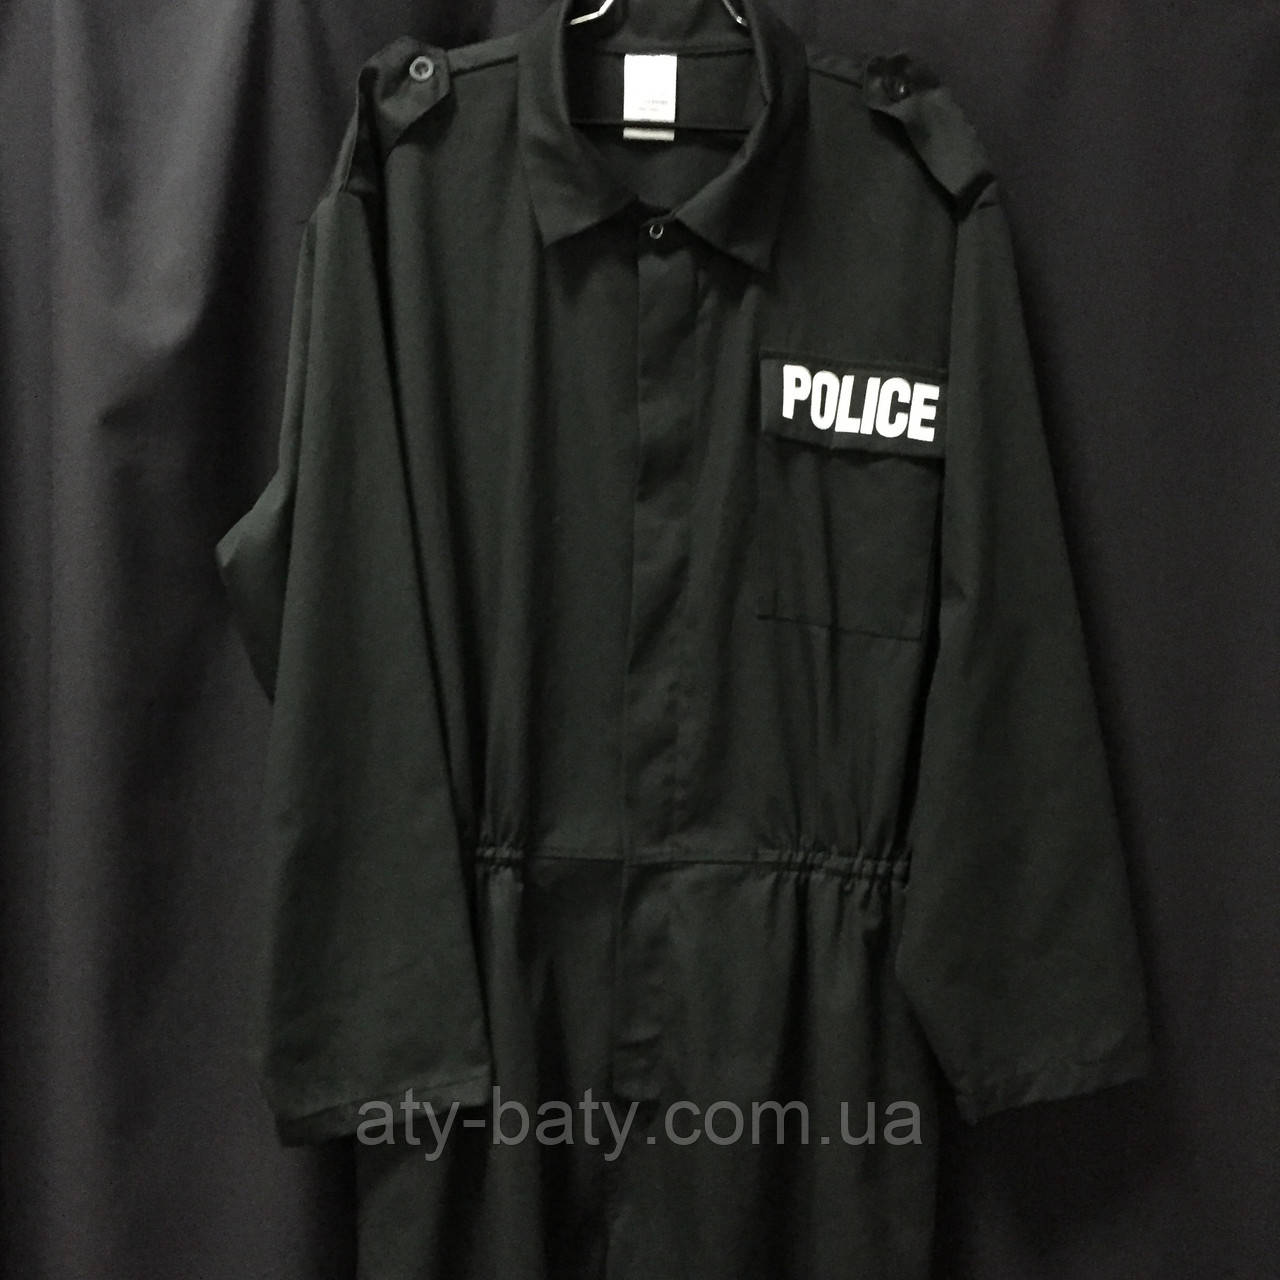 Комбинезон черный POLICE, Б/У №2